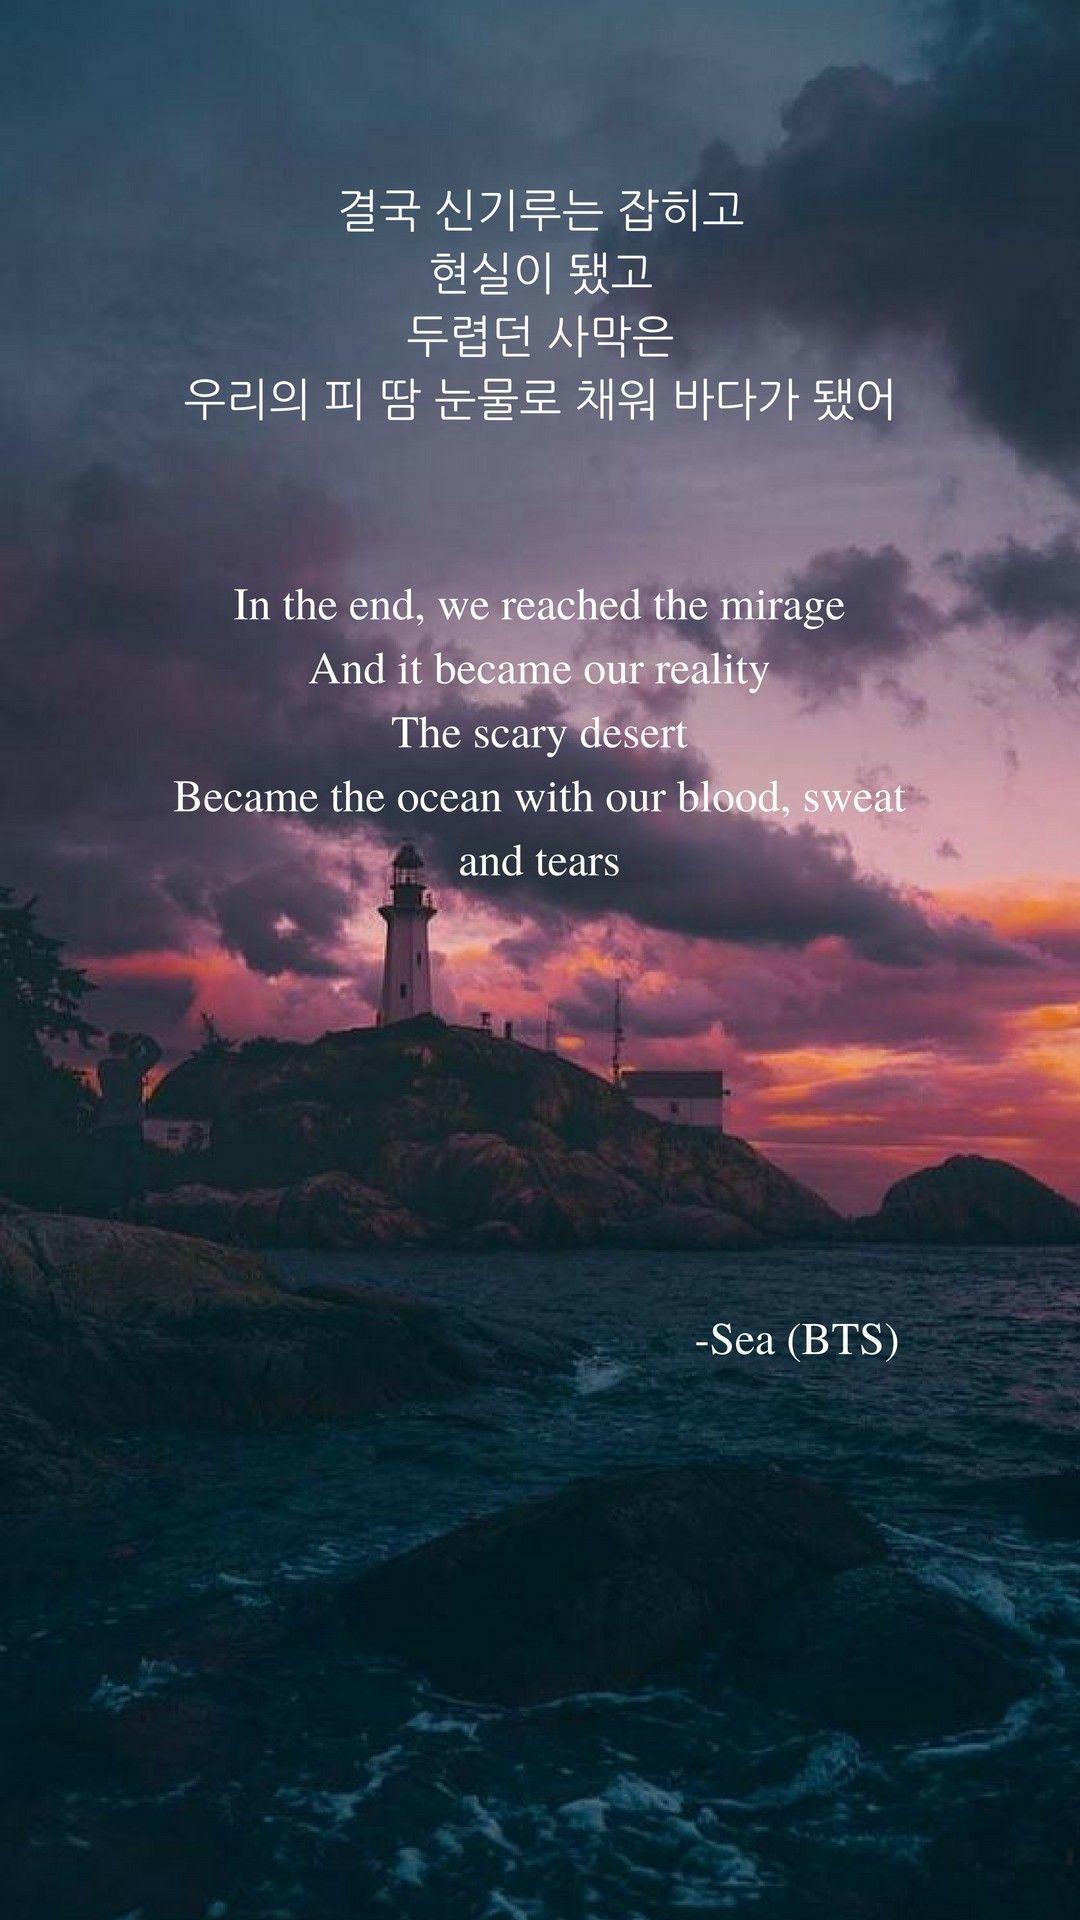 Sea BTS Lyrics Wallpaper